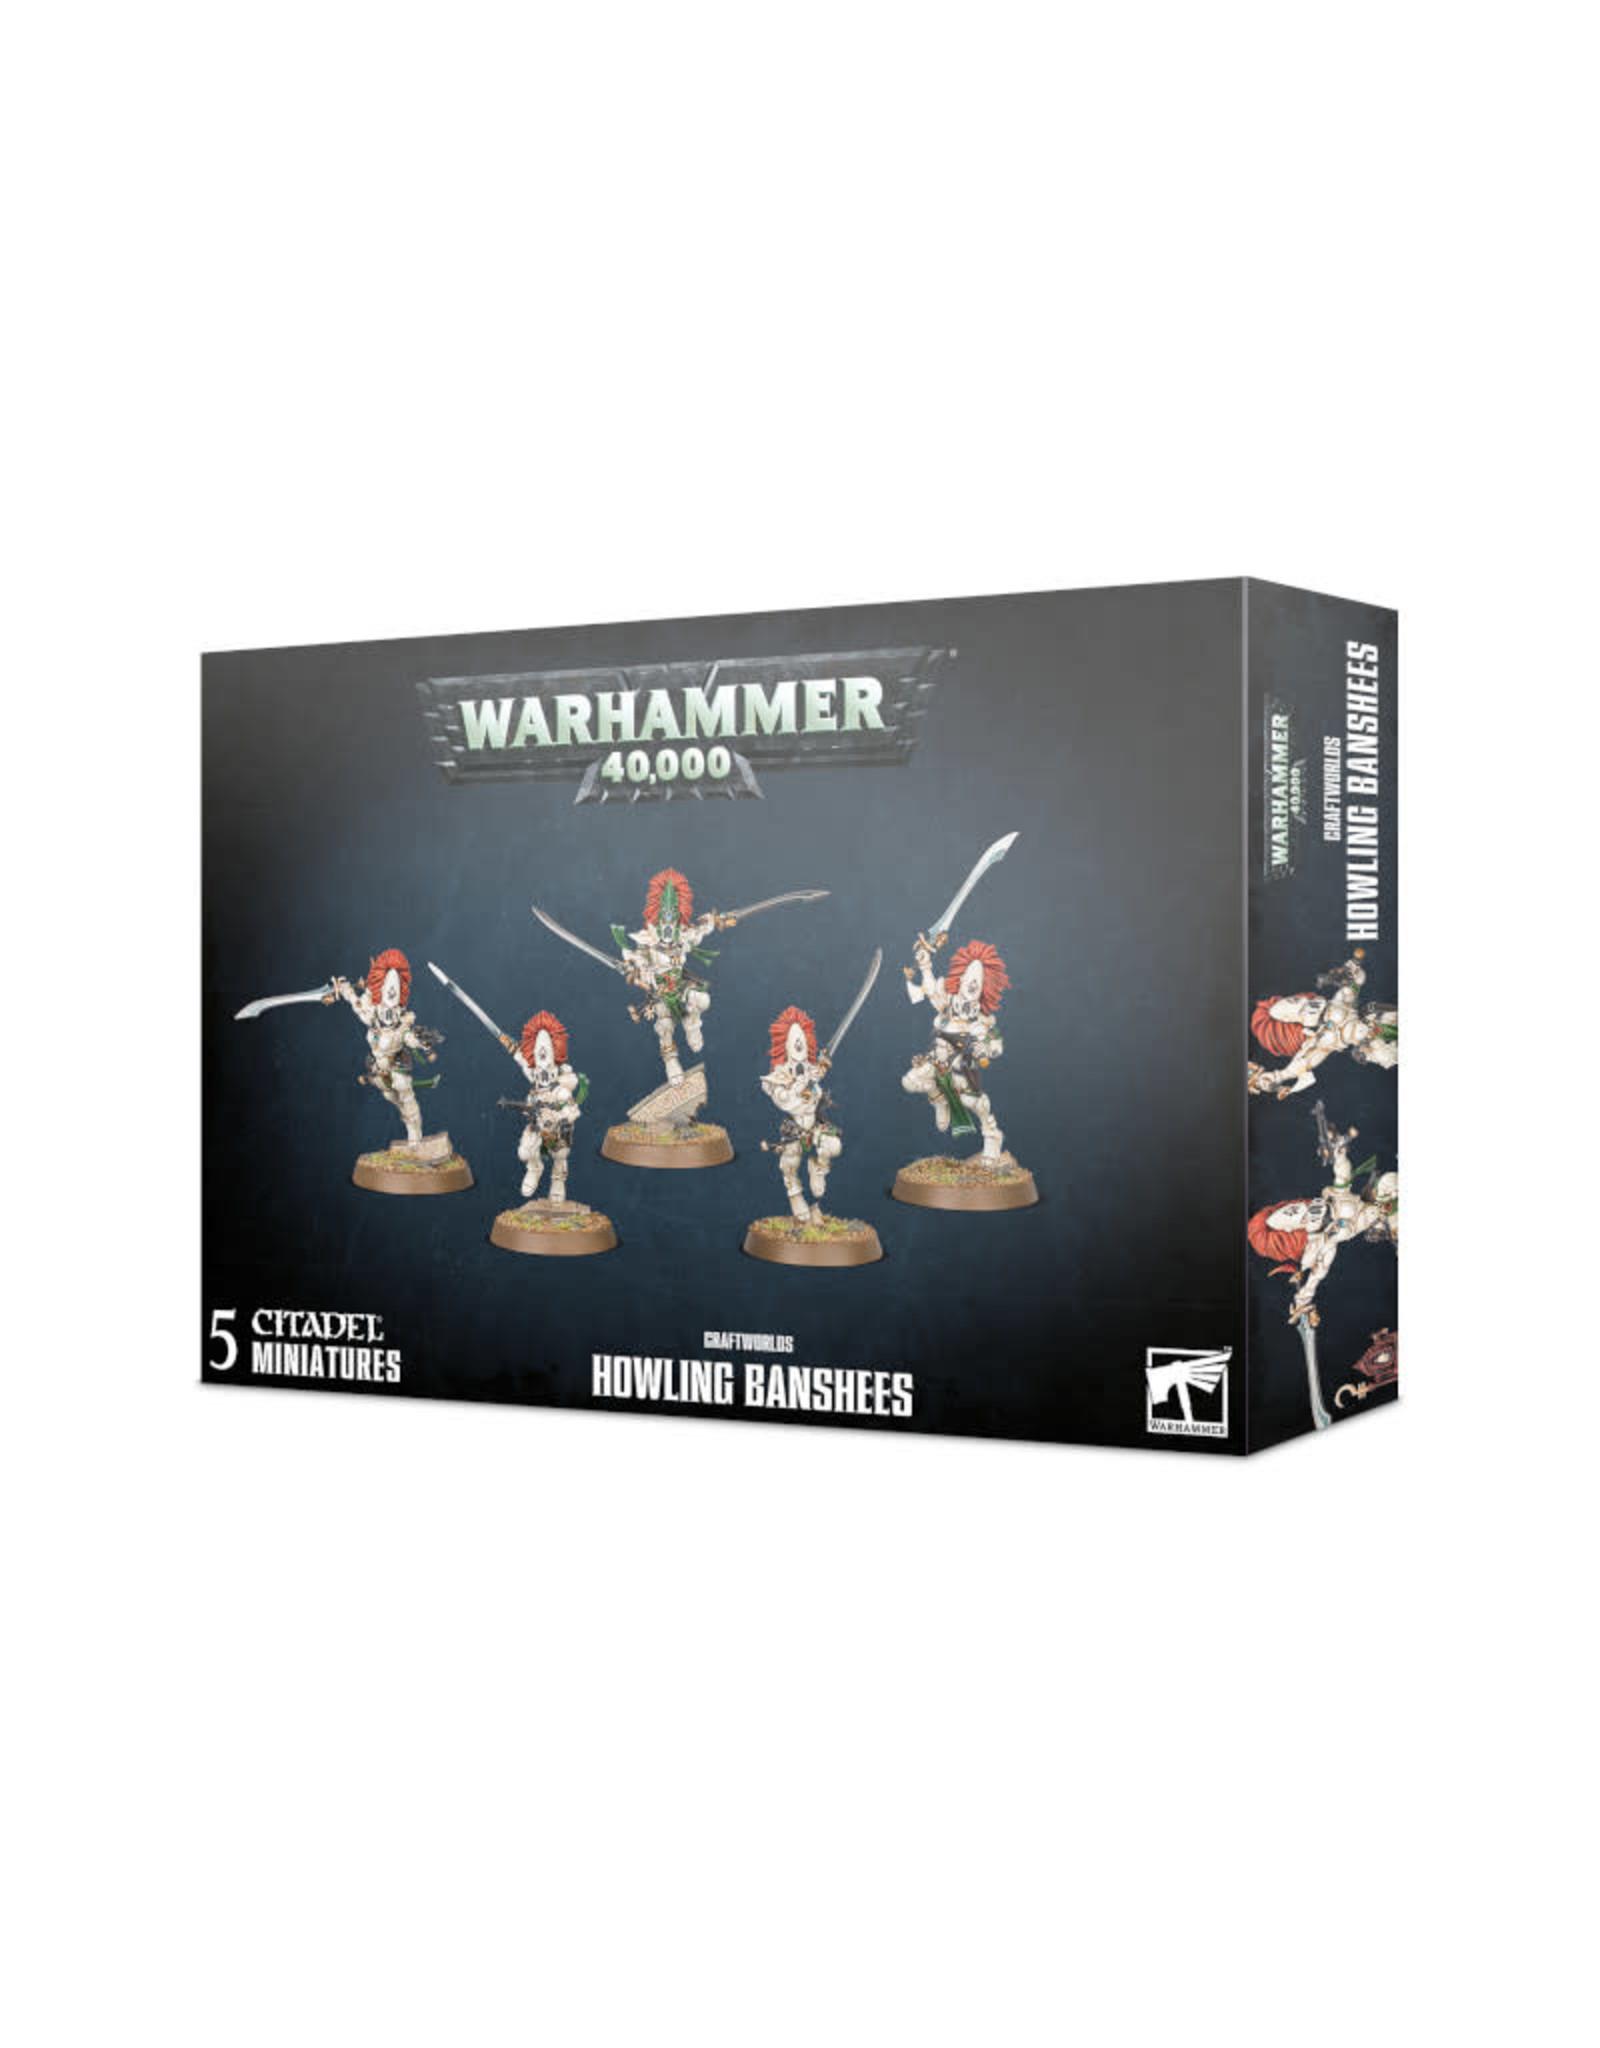 Games Workshop Warhammer 40K Craftworlds Howling Banshees